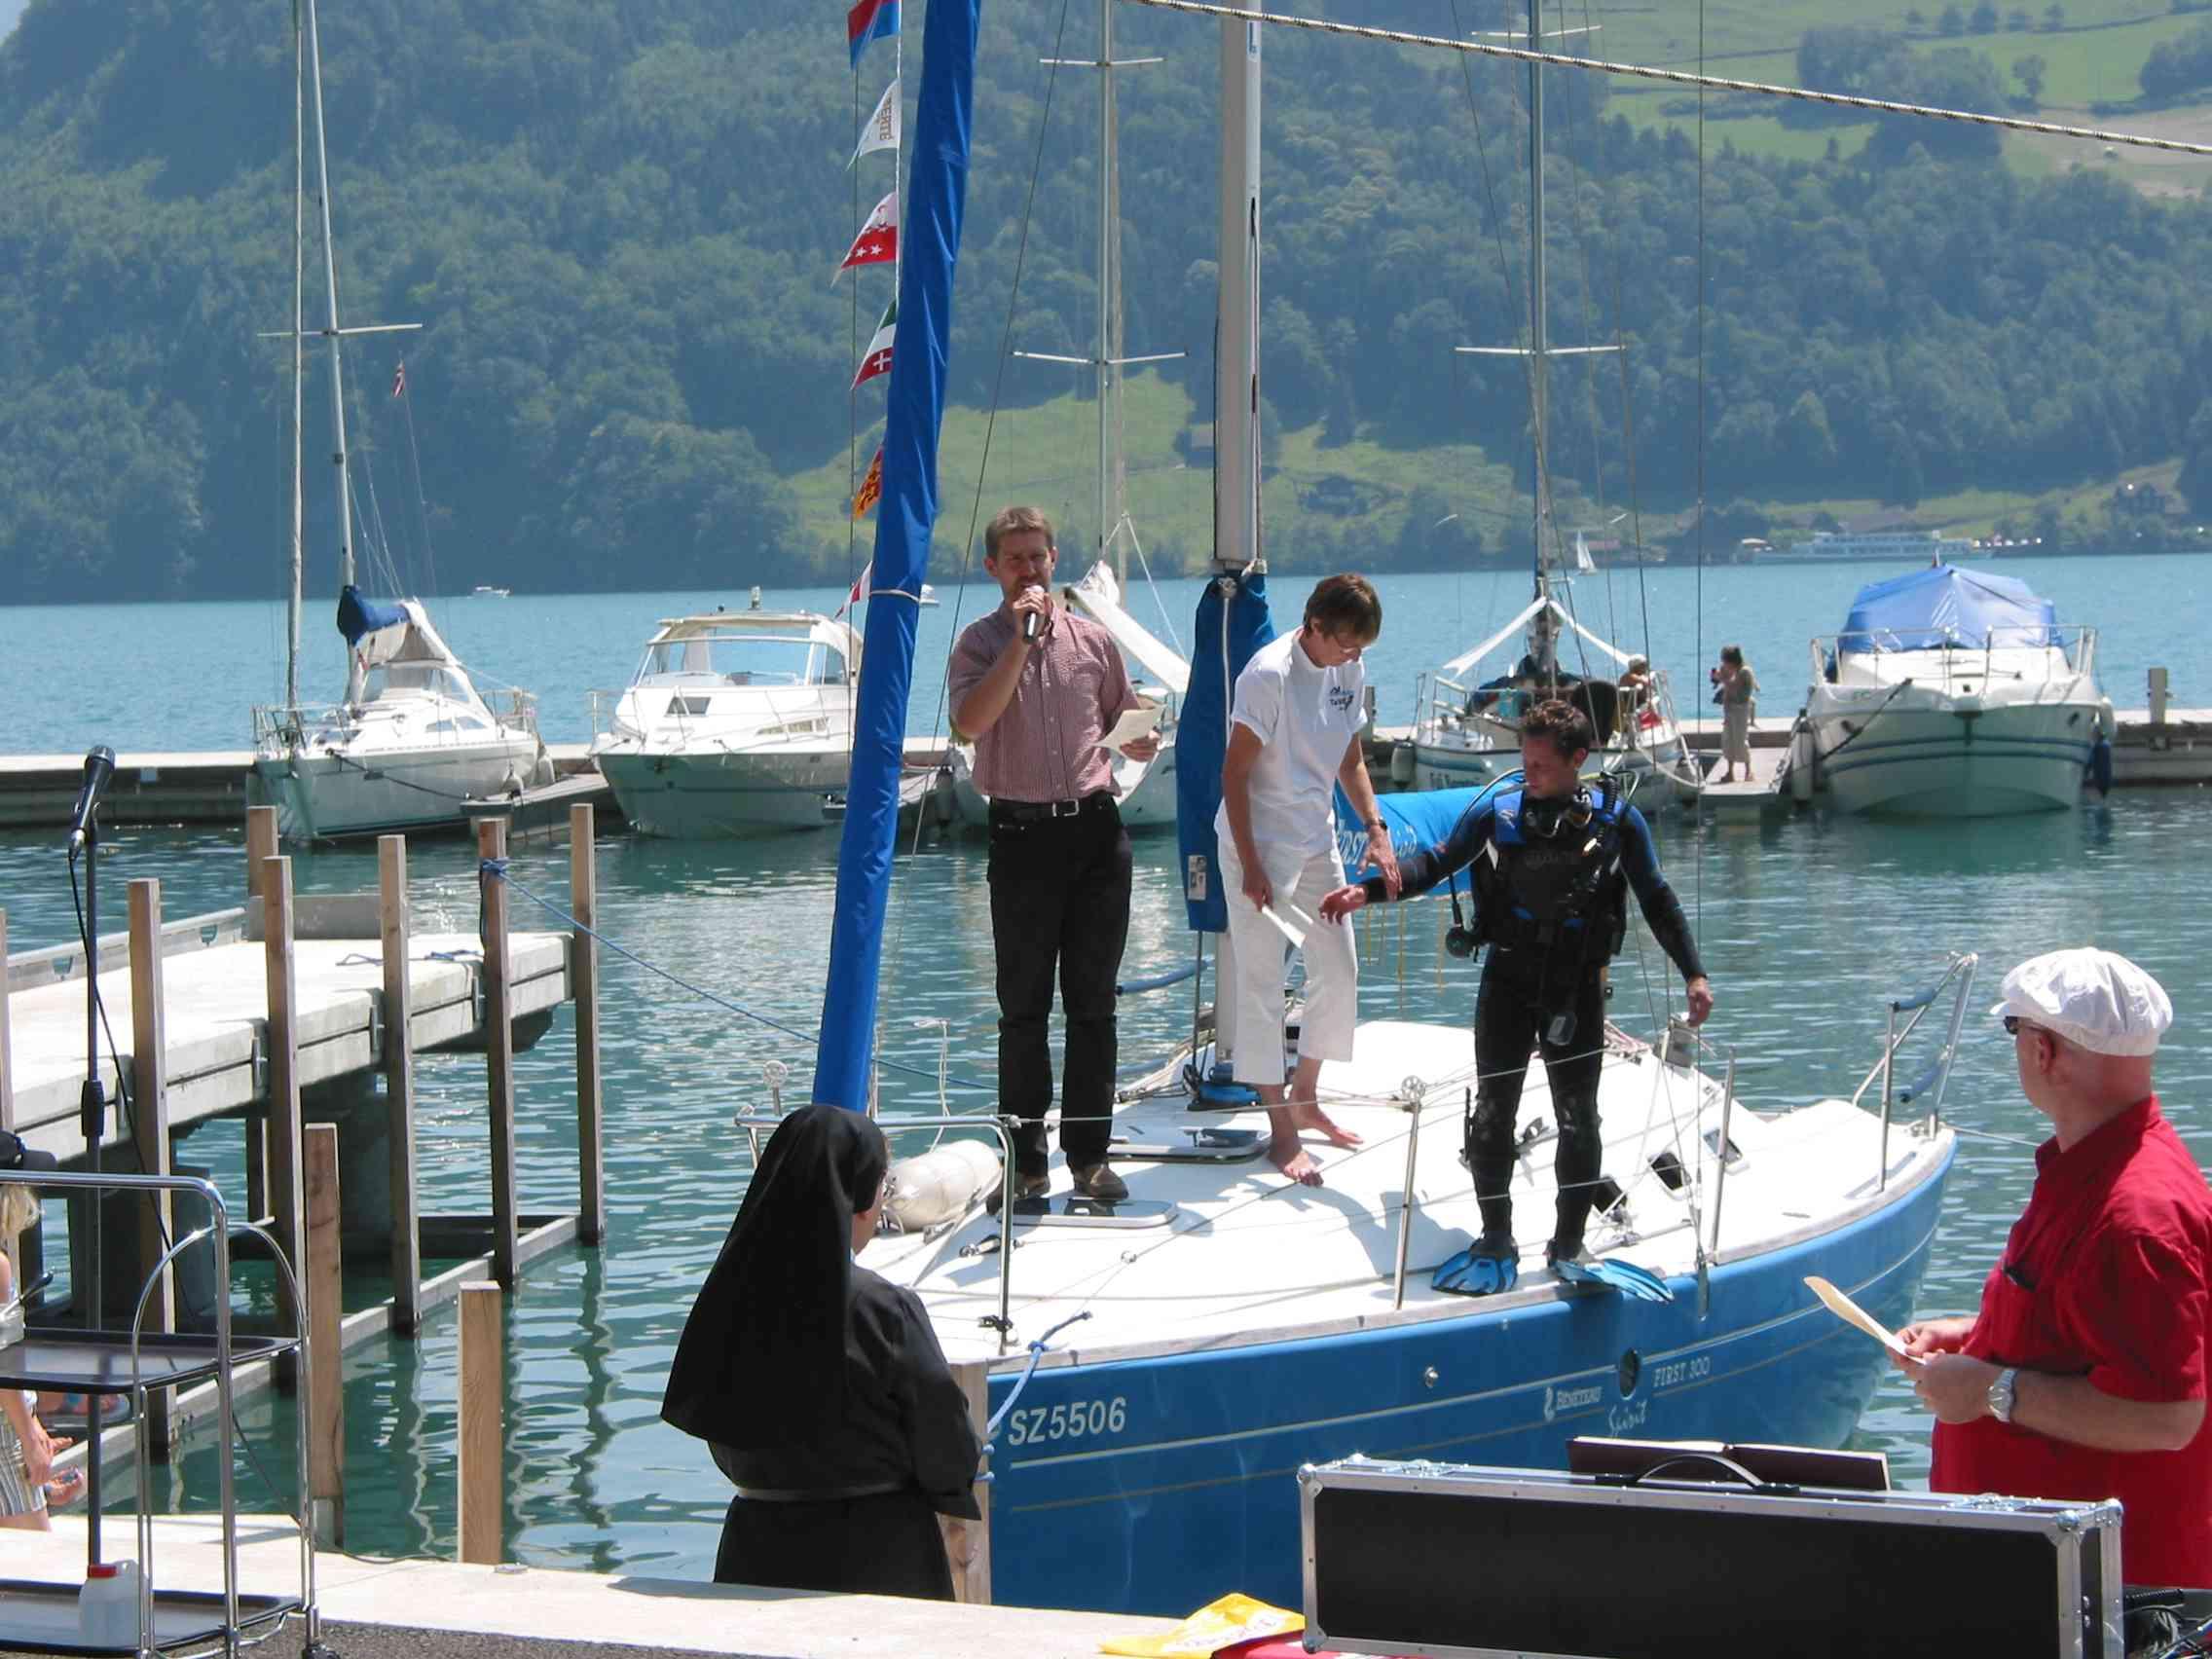 Beginn der ökumenischen Einweihungsfeier. Pfarrer Schüssler erscheint mit seinen Helfern auf einem Segelboot Sr. Servanda und Lukas Albrecht stehen für ihren Einsatz bereit.